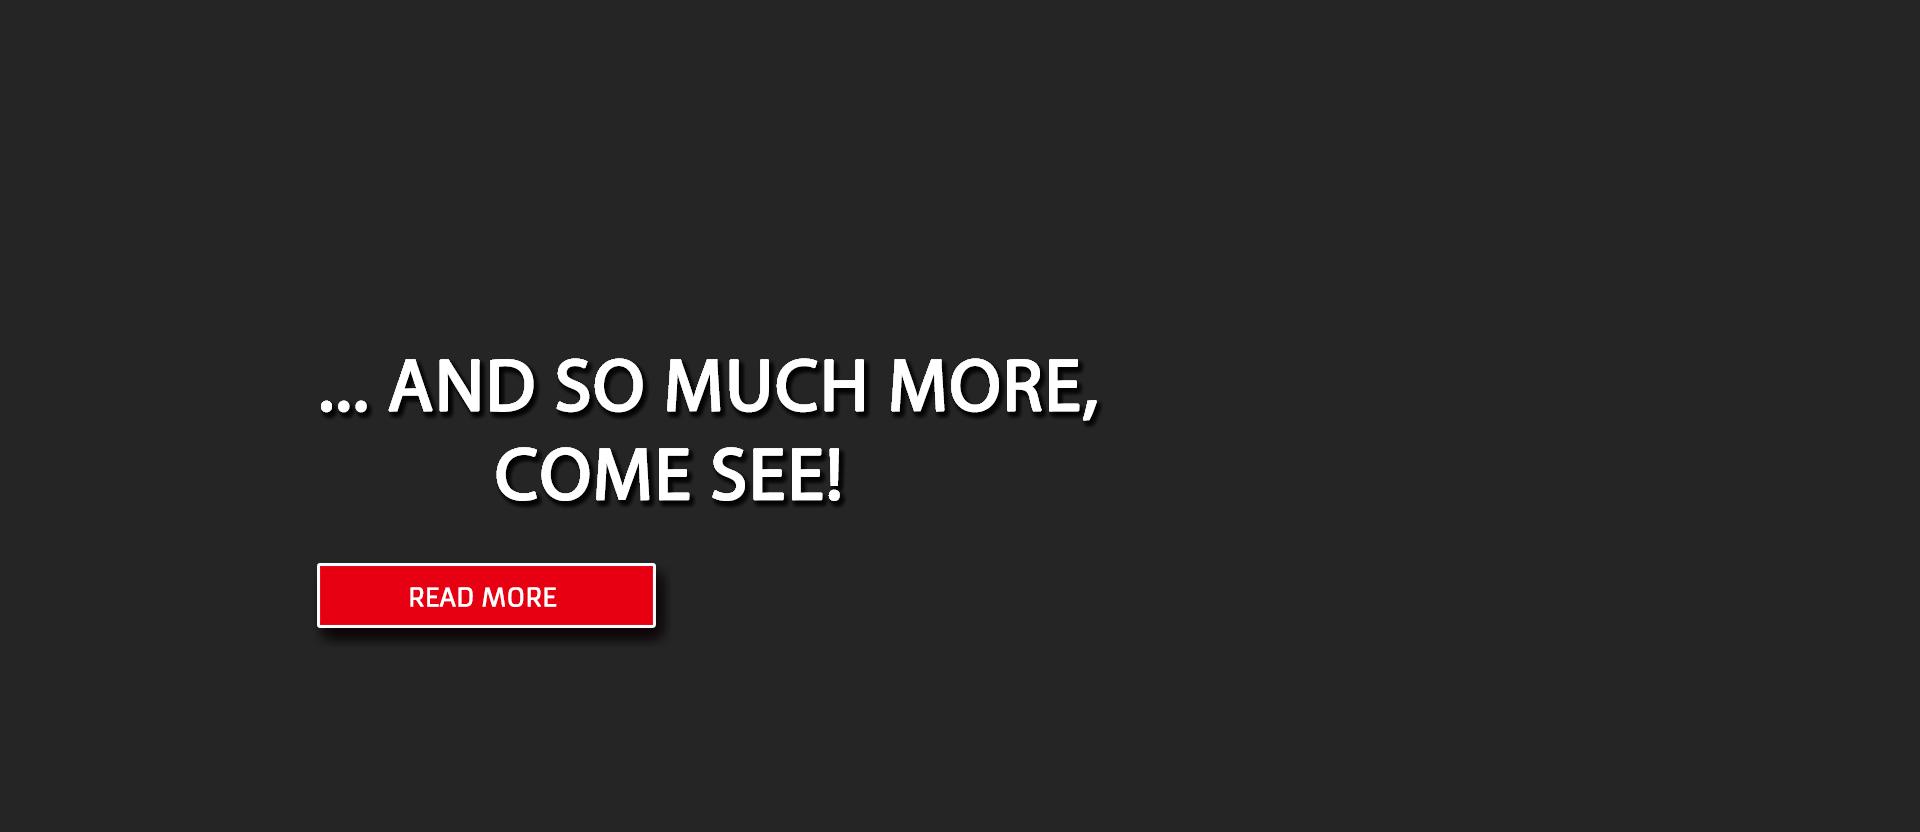 Sex shop online nz